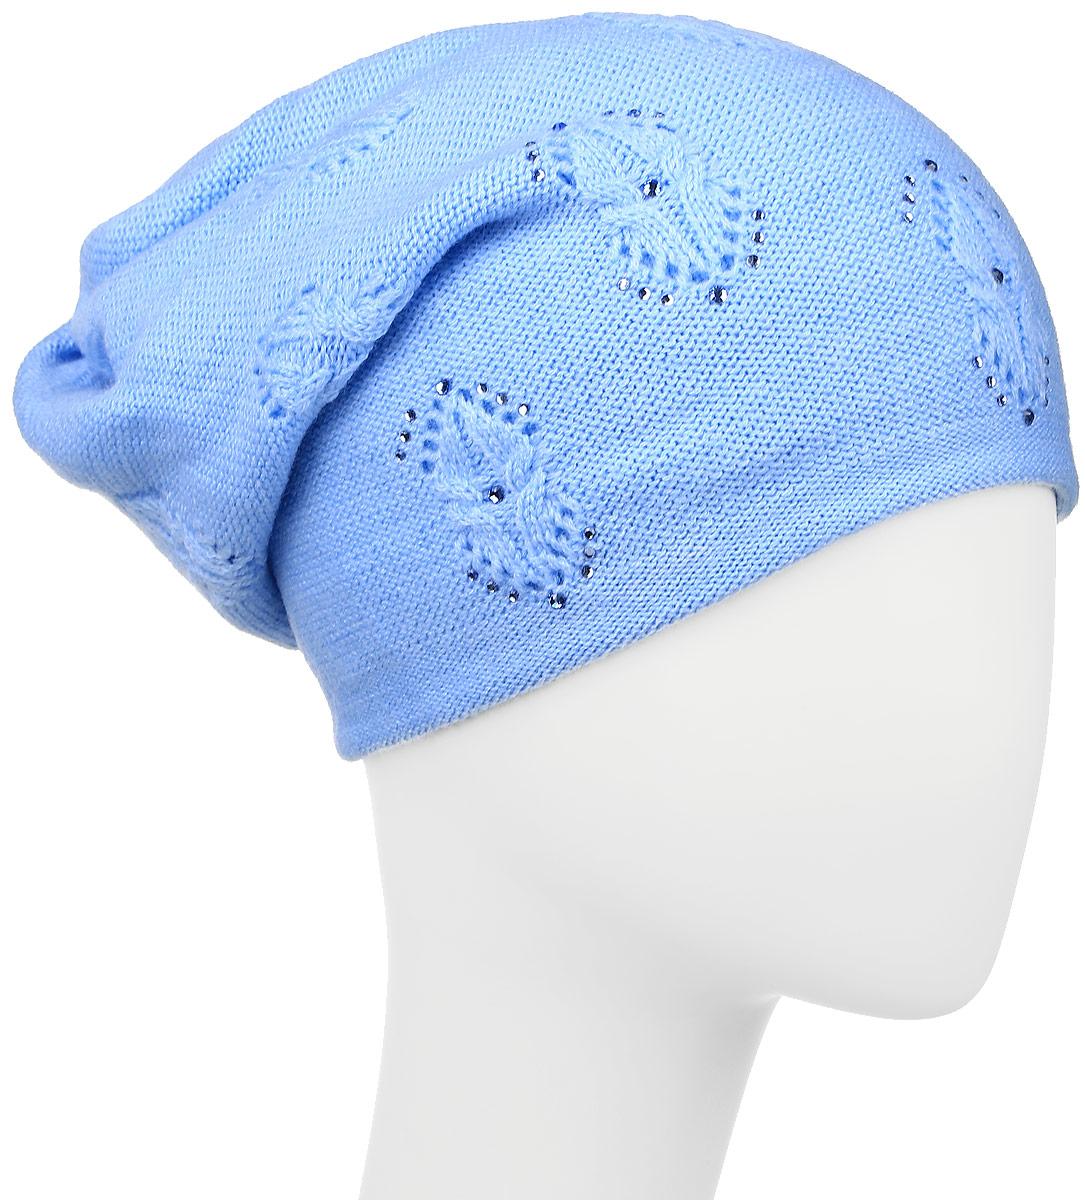 Шапка женская Finn Flare, цвет: голубой. W16-11124_139. Размер 56W16-11124_139Стильная женская шапка Finn Flare дополнит ваш наряд и не позволит вам замерзнуть в холодное время года. Шапка выполнена из высококачественной пряжи, что позволяет ей великолепно сохранять тепло и обеспечивает высокую эластичность и удобство посадки.Спереди удлиненная модель оформлена металлической пластиной с названием бренда и стразами. Такая шапка станет модным и стильным дополнением вашего гардероба. Она согреет вас и позволит подчеркнуть свою индивидуальность!